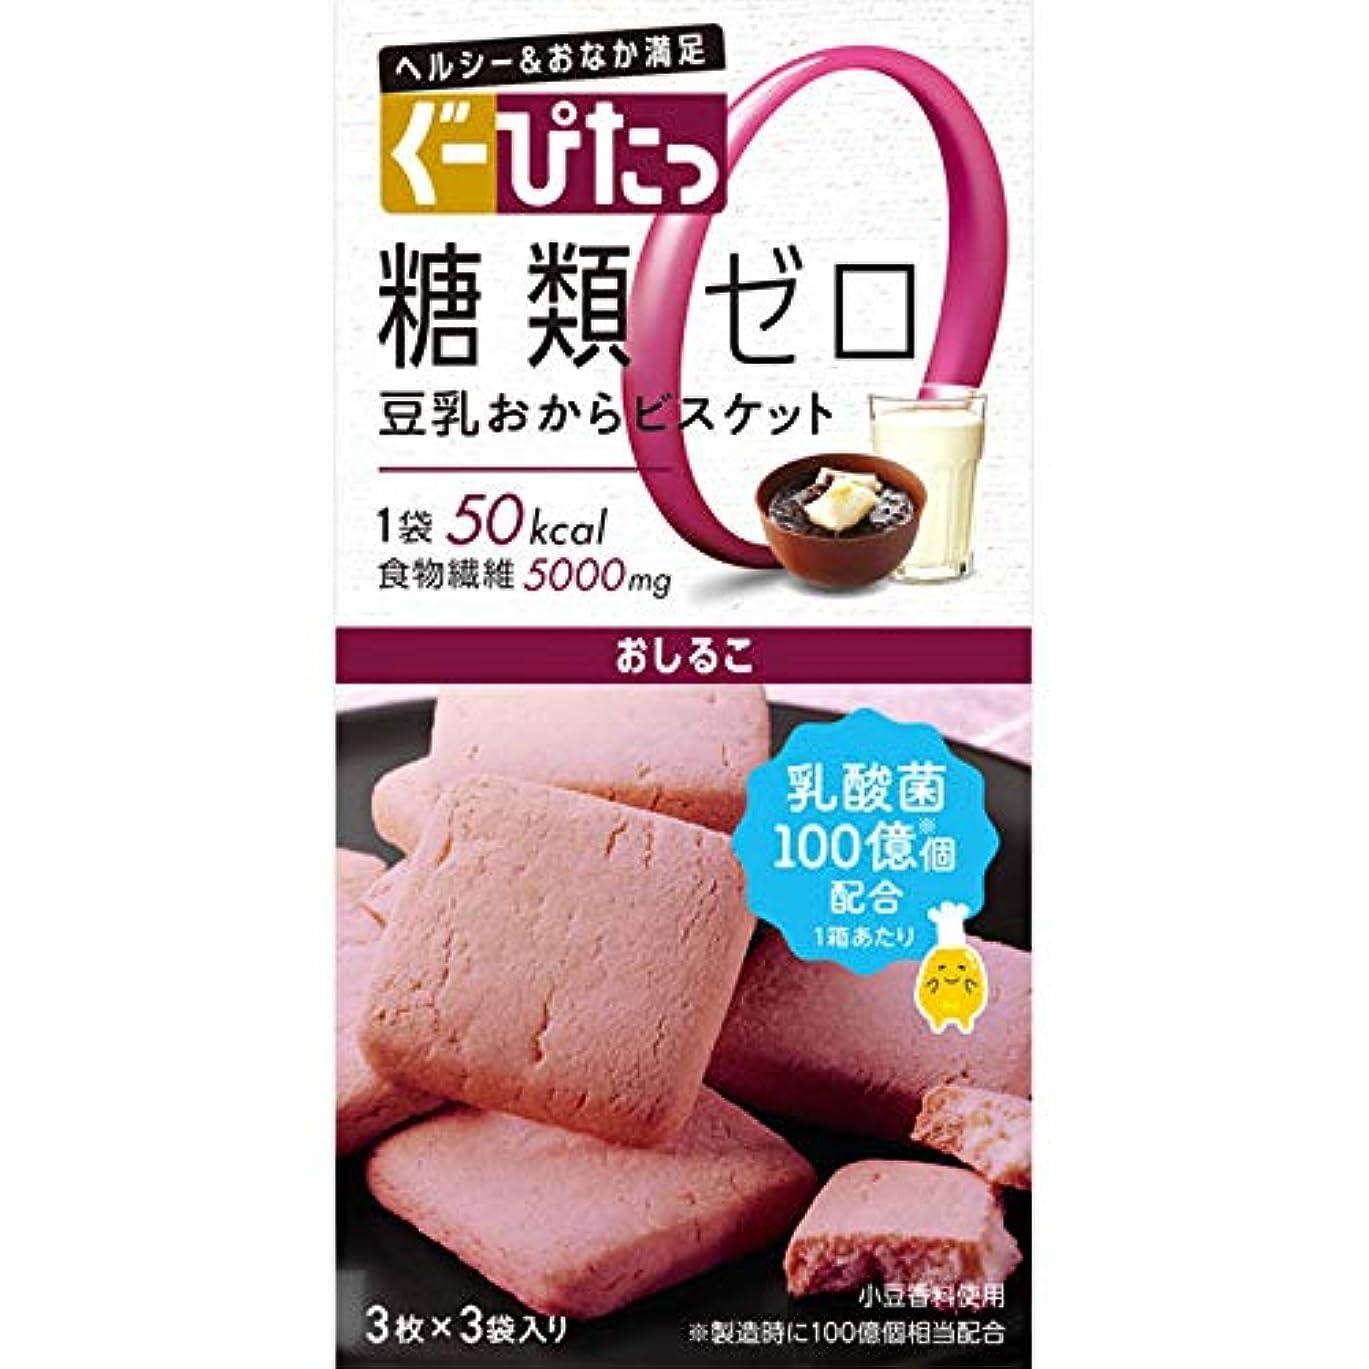 臨検にぎやか存在するナリスアップ ぐーぴたっ 豆乳おからビスケット おしるこ (3枚×3袋) ダイエット食品